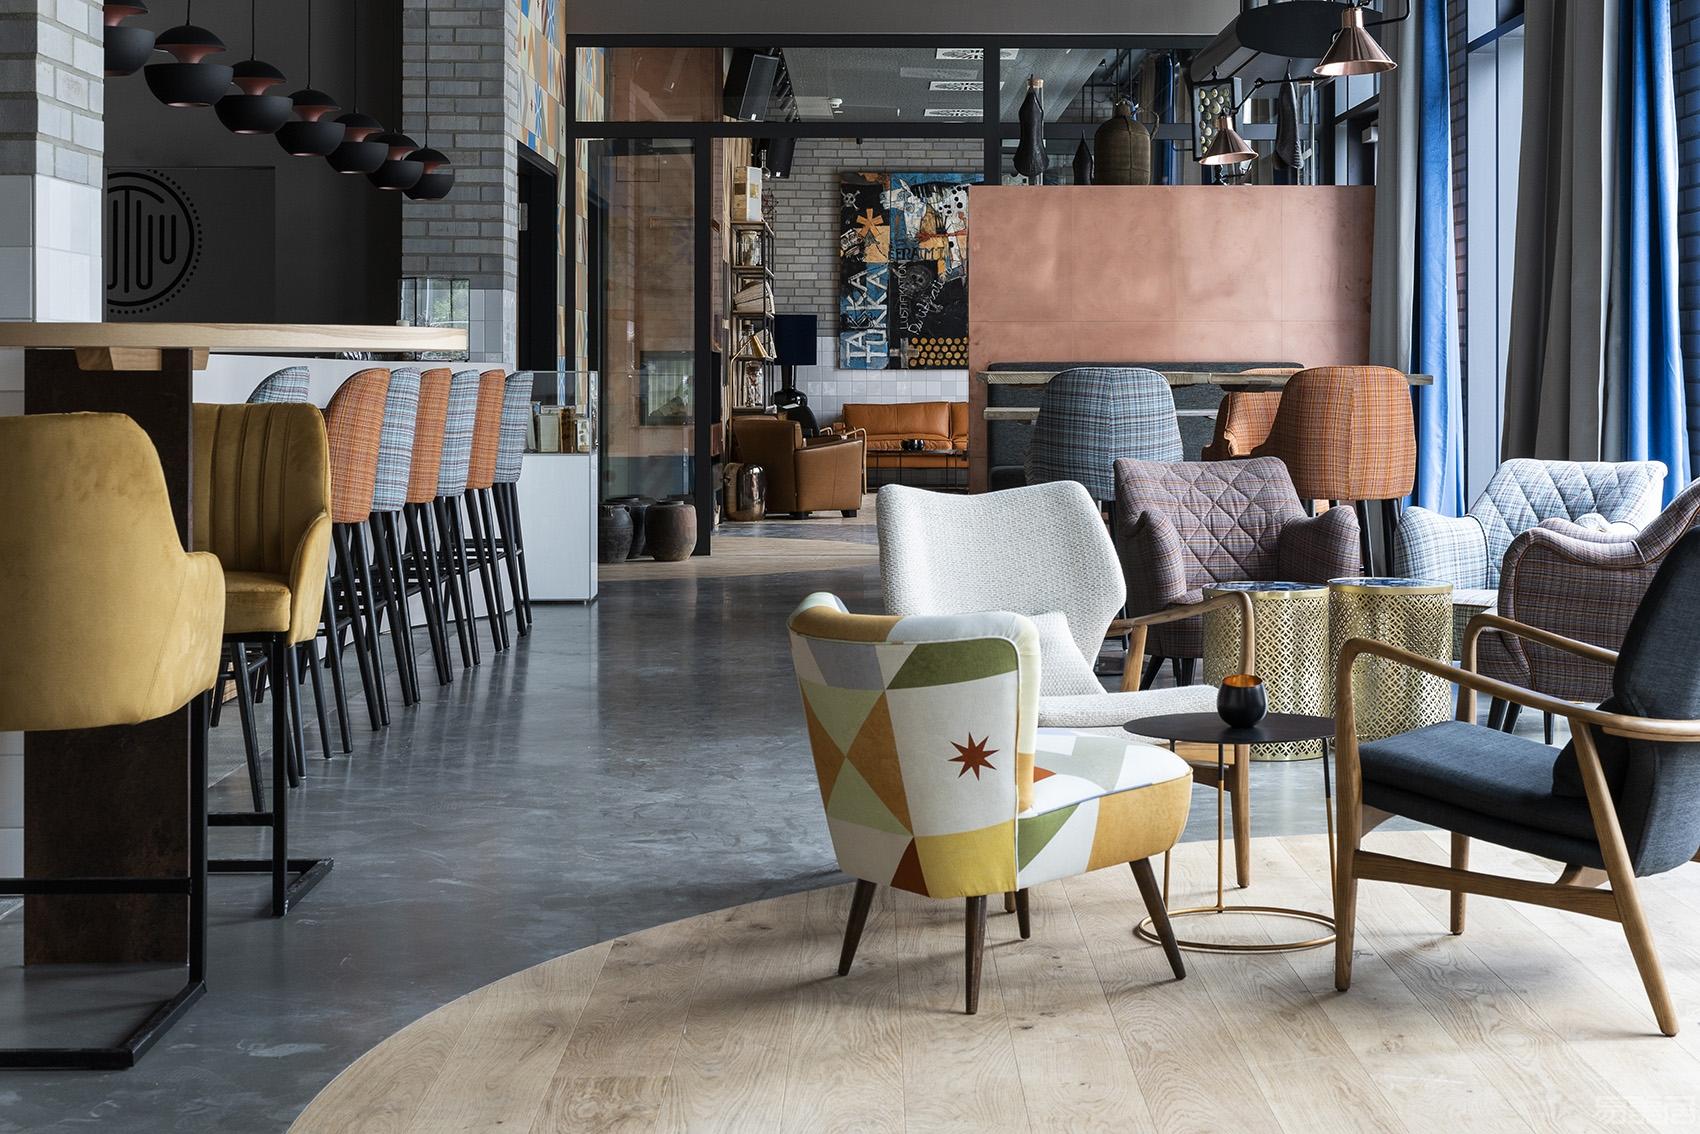 001-hotel-freigeist-gottingen-by-ahrens-grabenhorst-architekten-frank-kassner.jpg